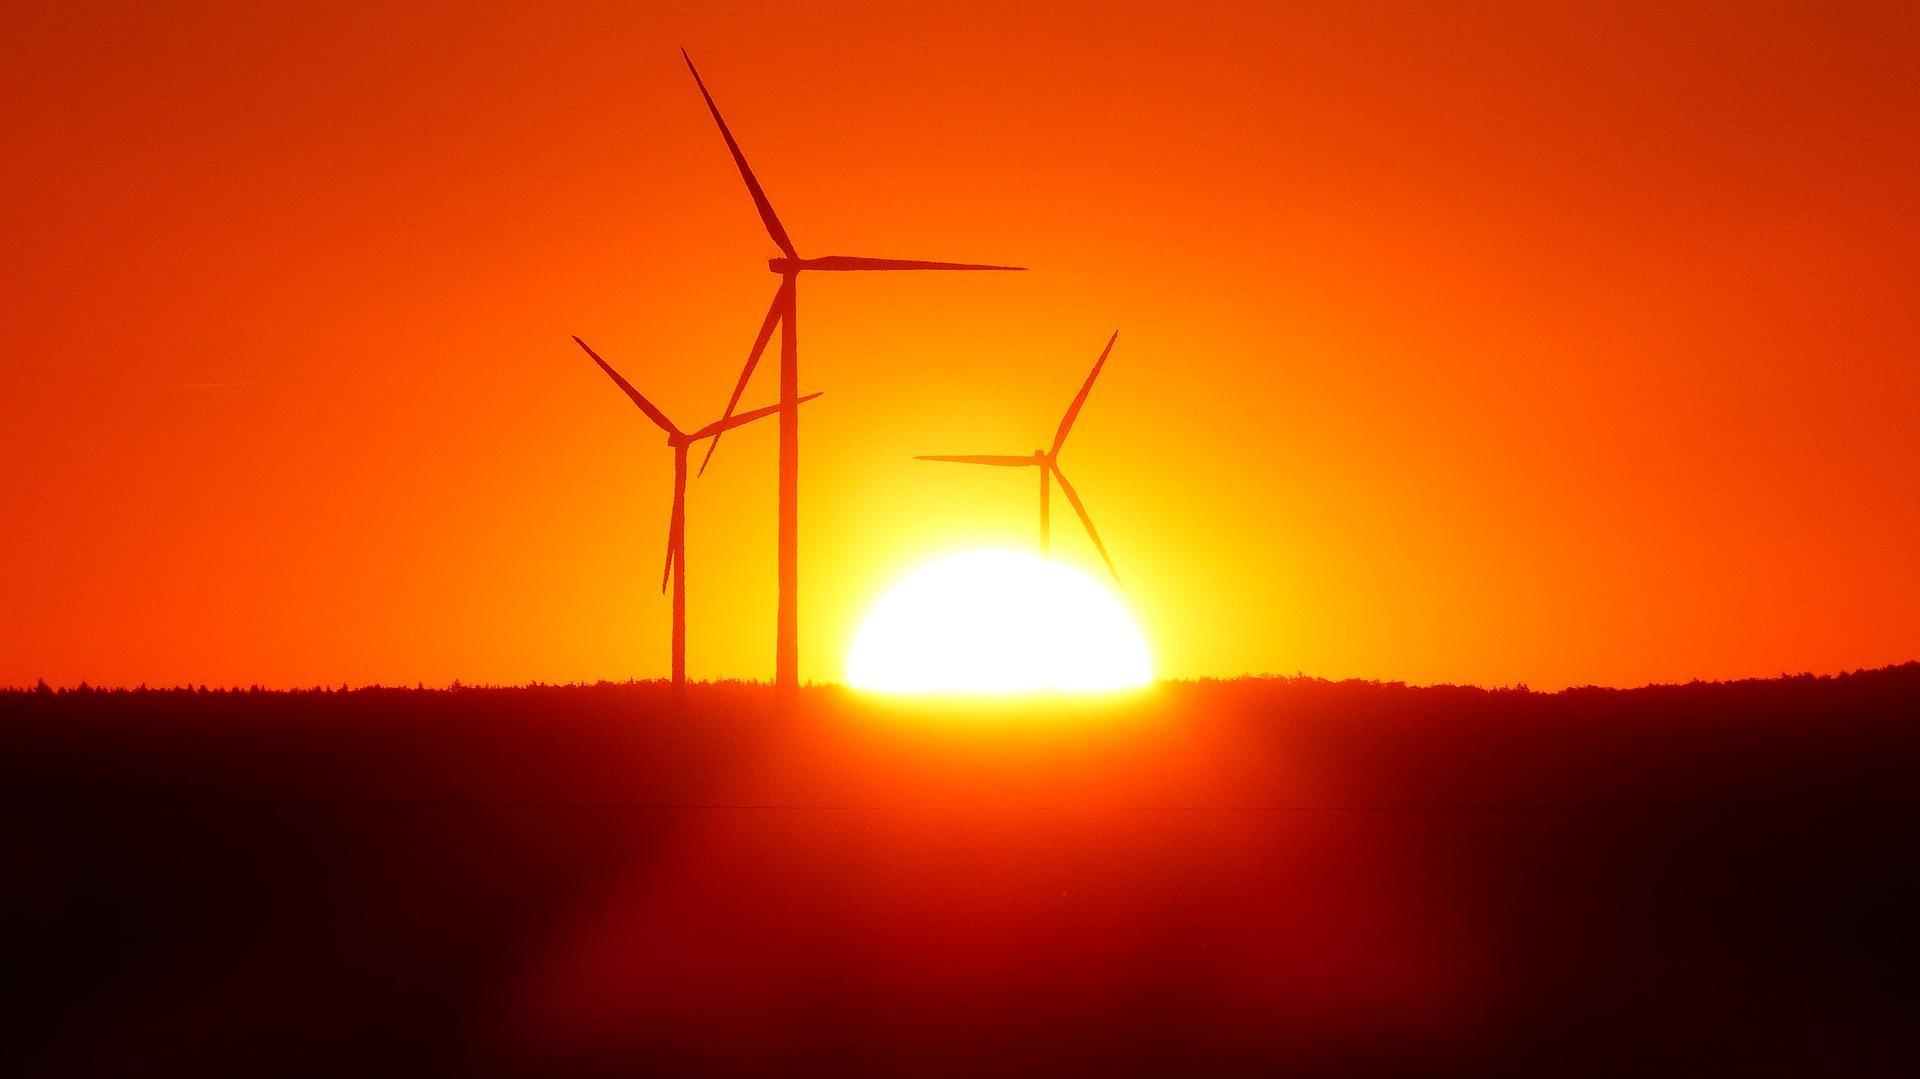 Baugenehmigung für eine Windkraftanlage — Baubeginn trotz Konkurrentenwiderspruch